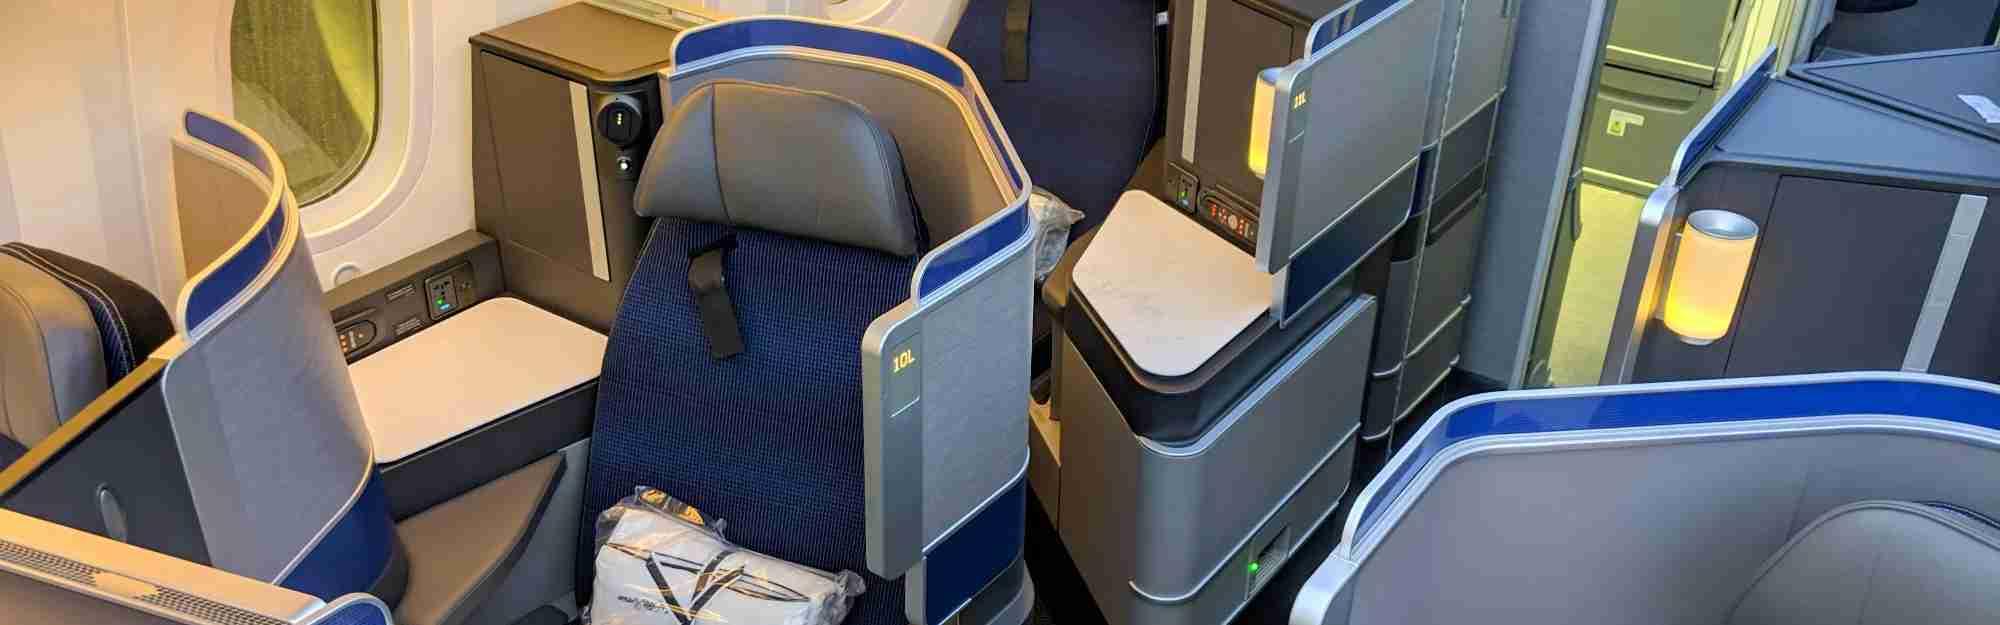 United 787-10 Polaris Review